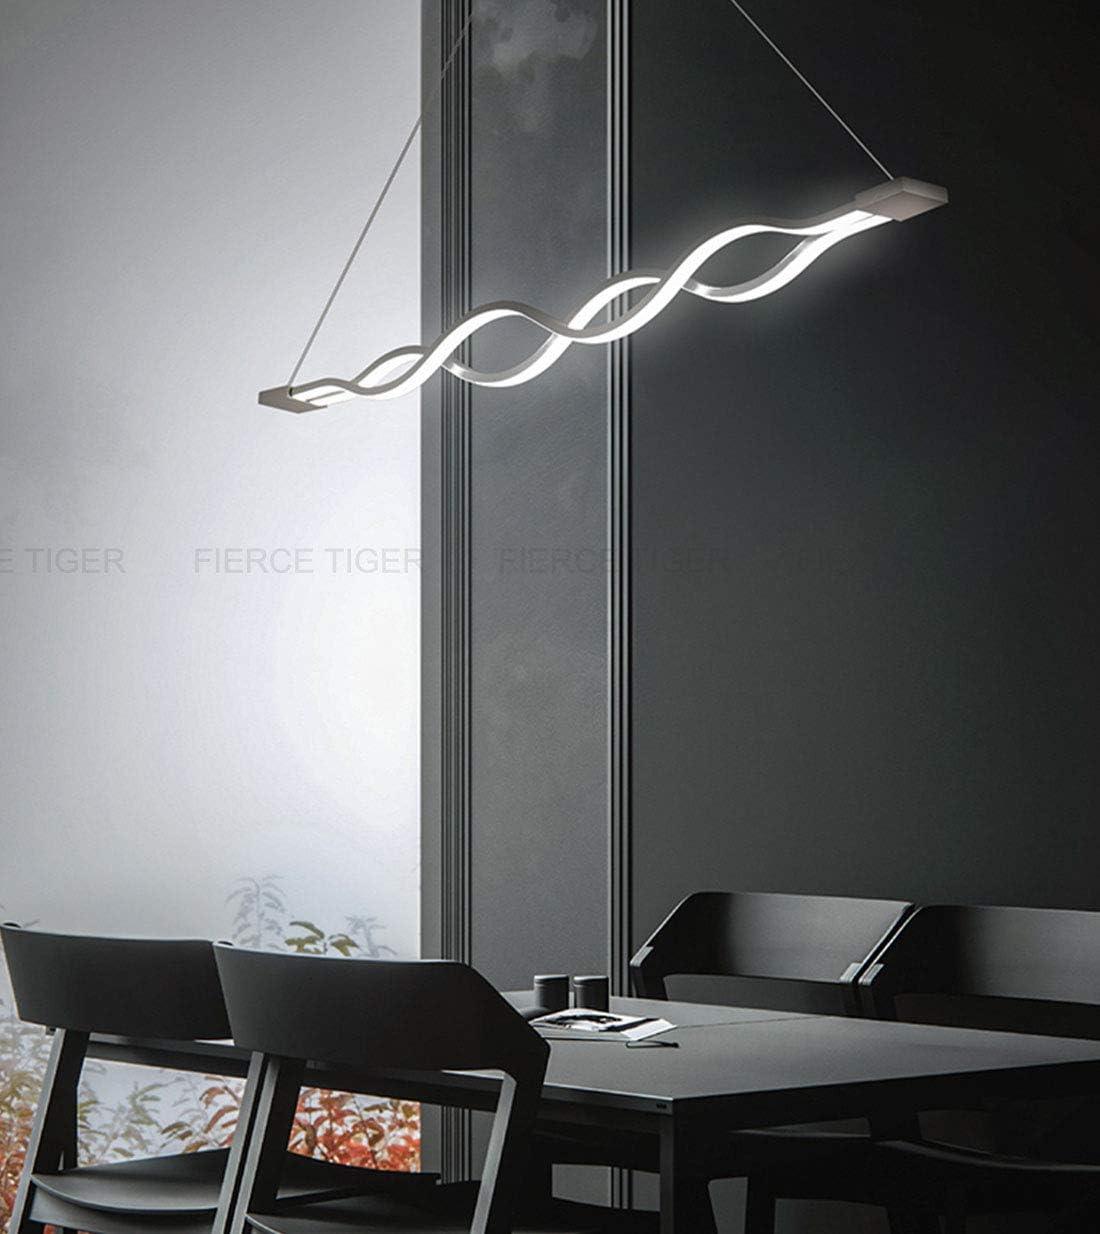 10 Welle Pendelleuchte Dimmbar LED Esstisch Esszimmerlampe Moderne